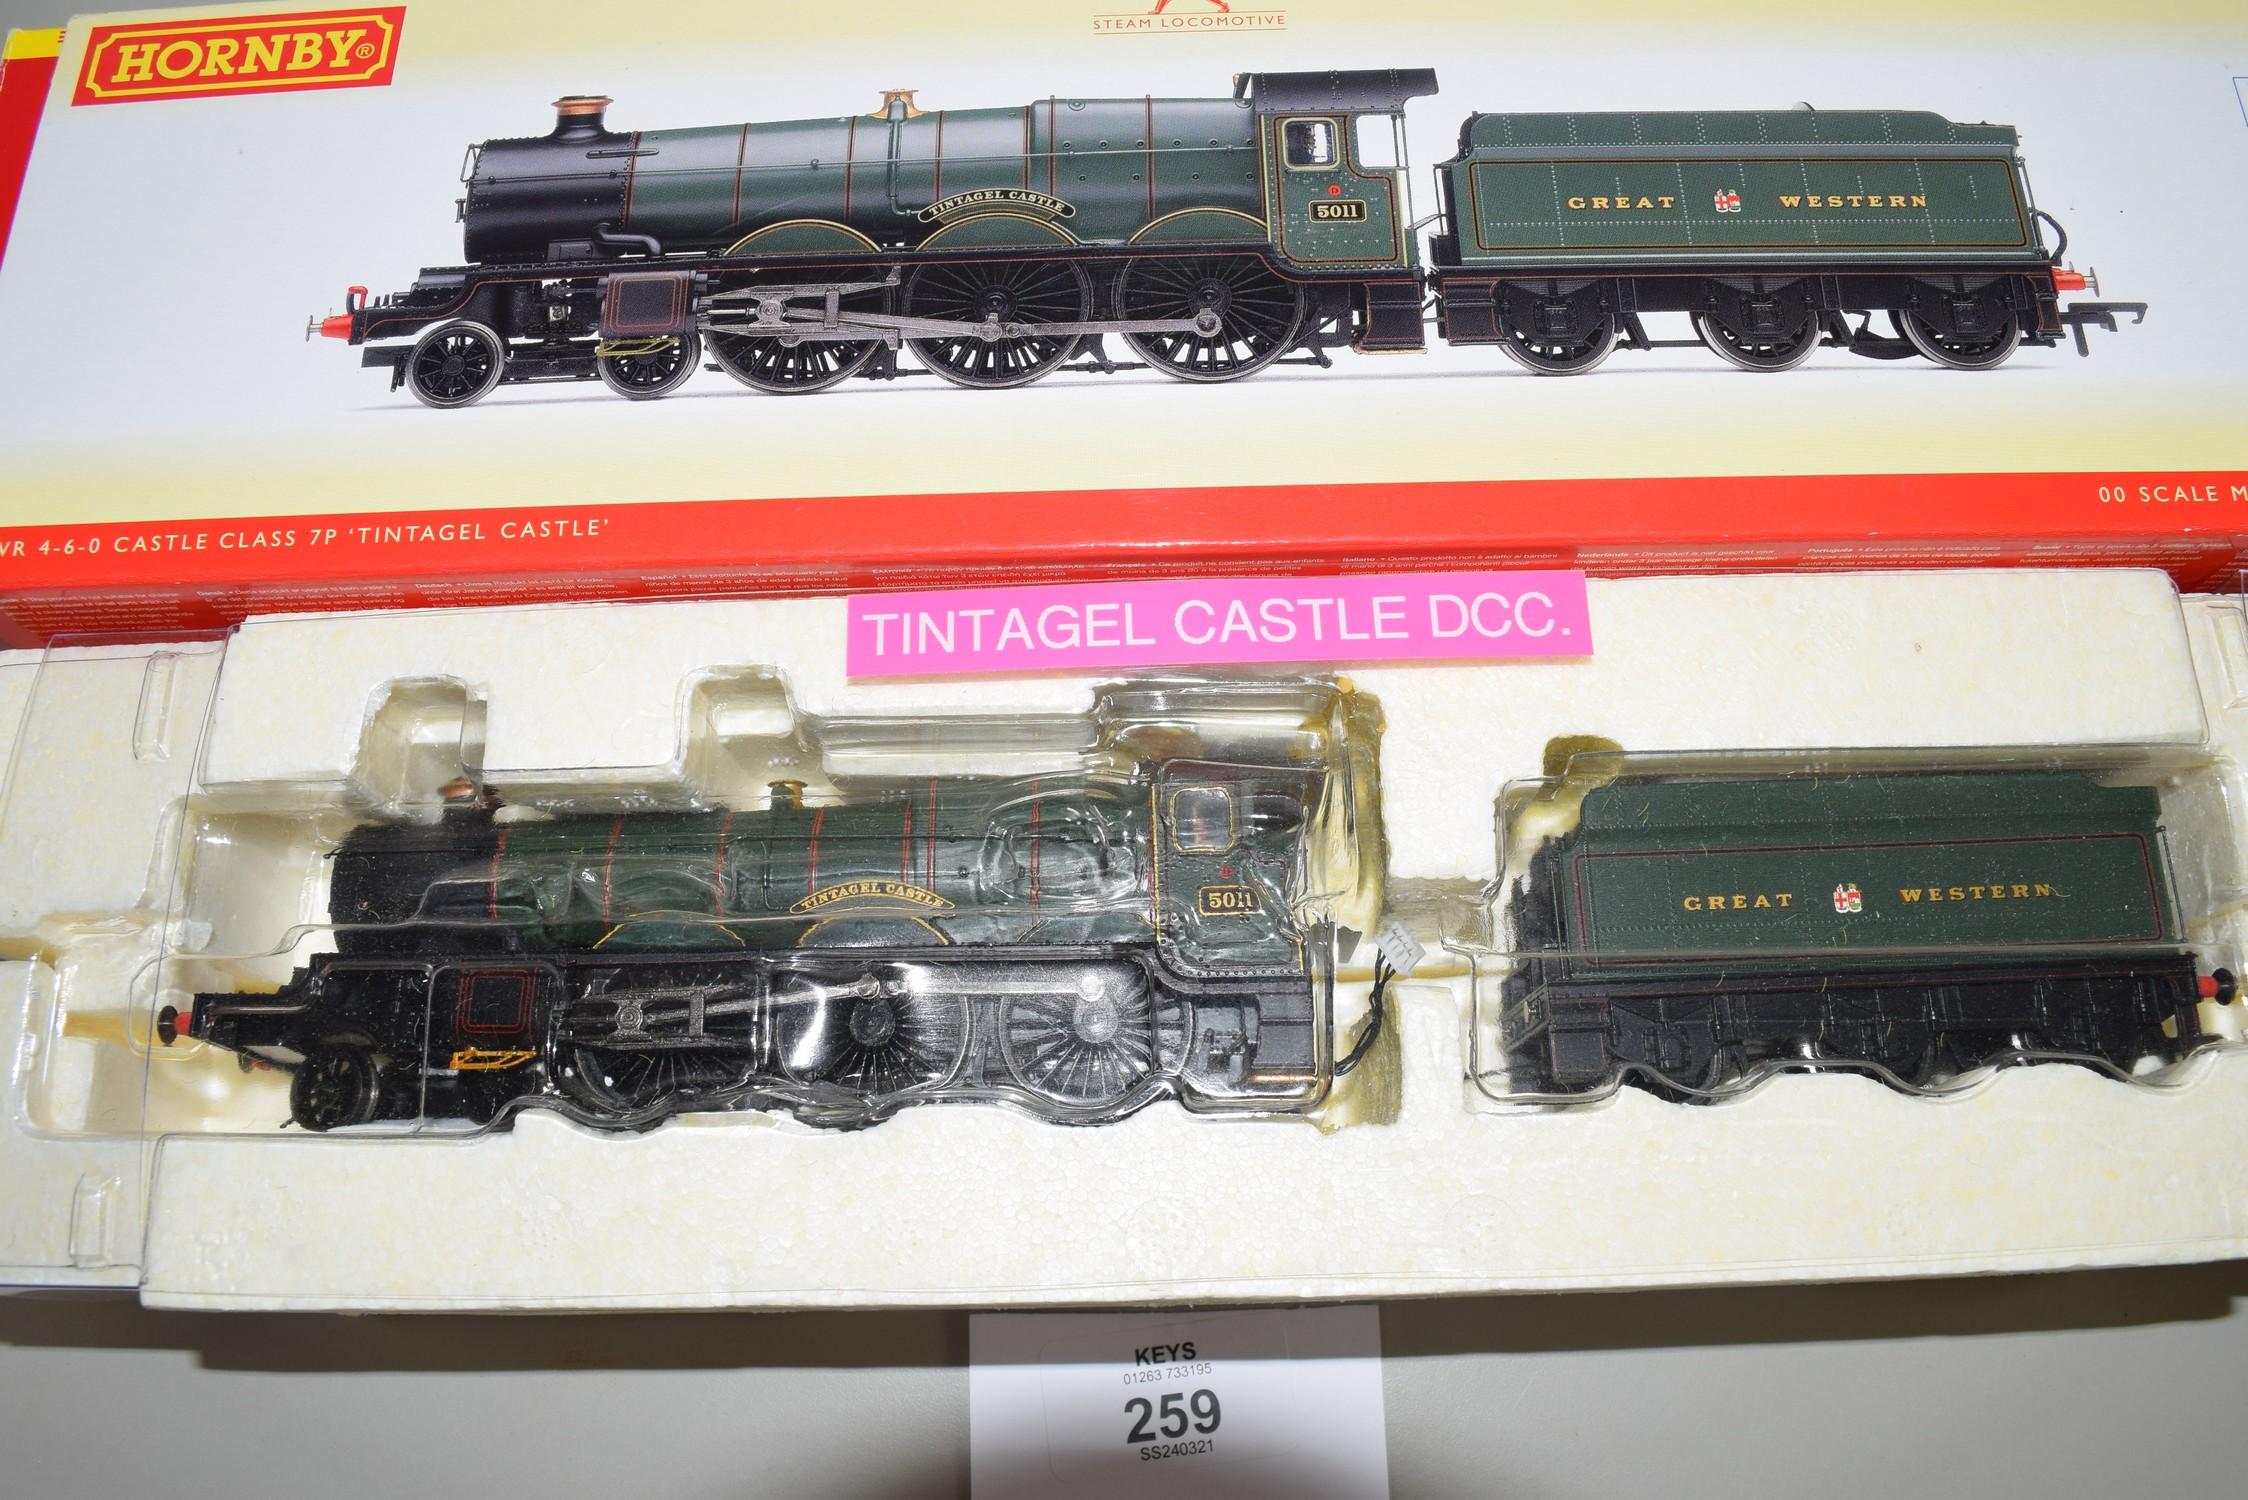 """Boxed Hornby 00 gauge R2848 X GWR Castle class """"Tintagel Castle"""" locomotive No 5011"""